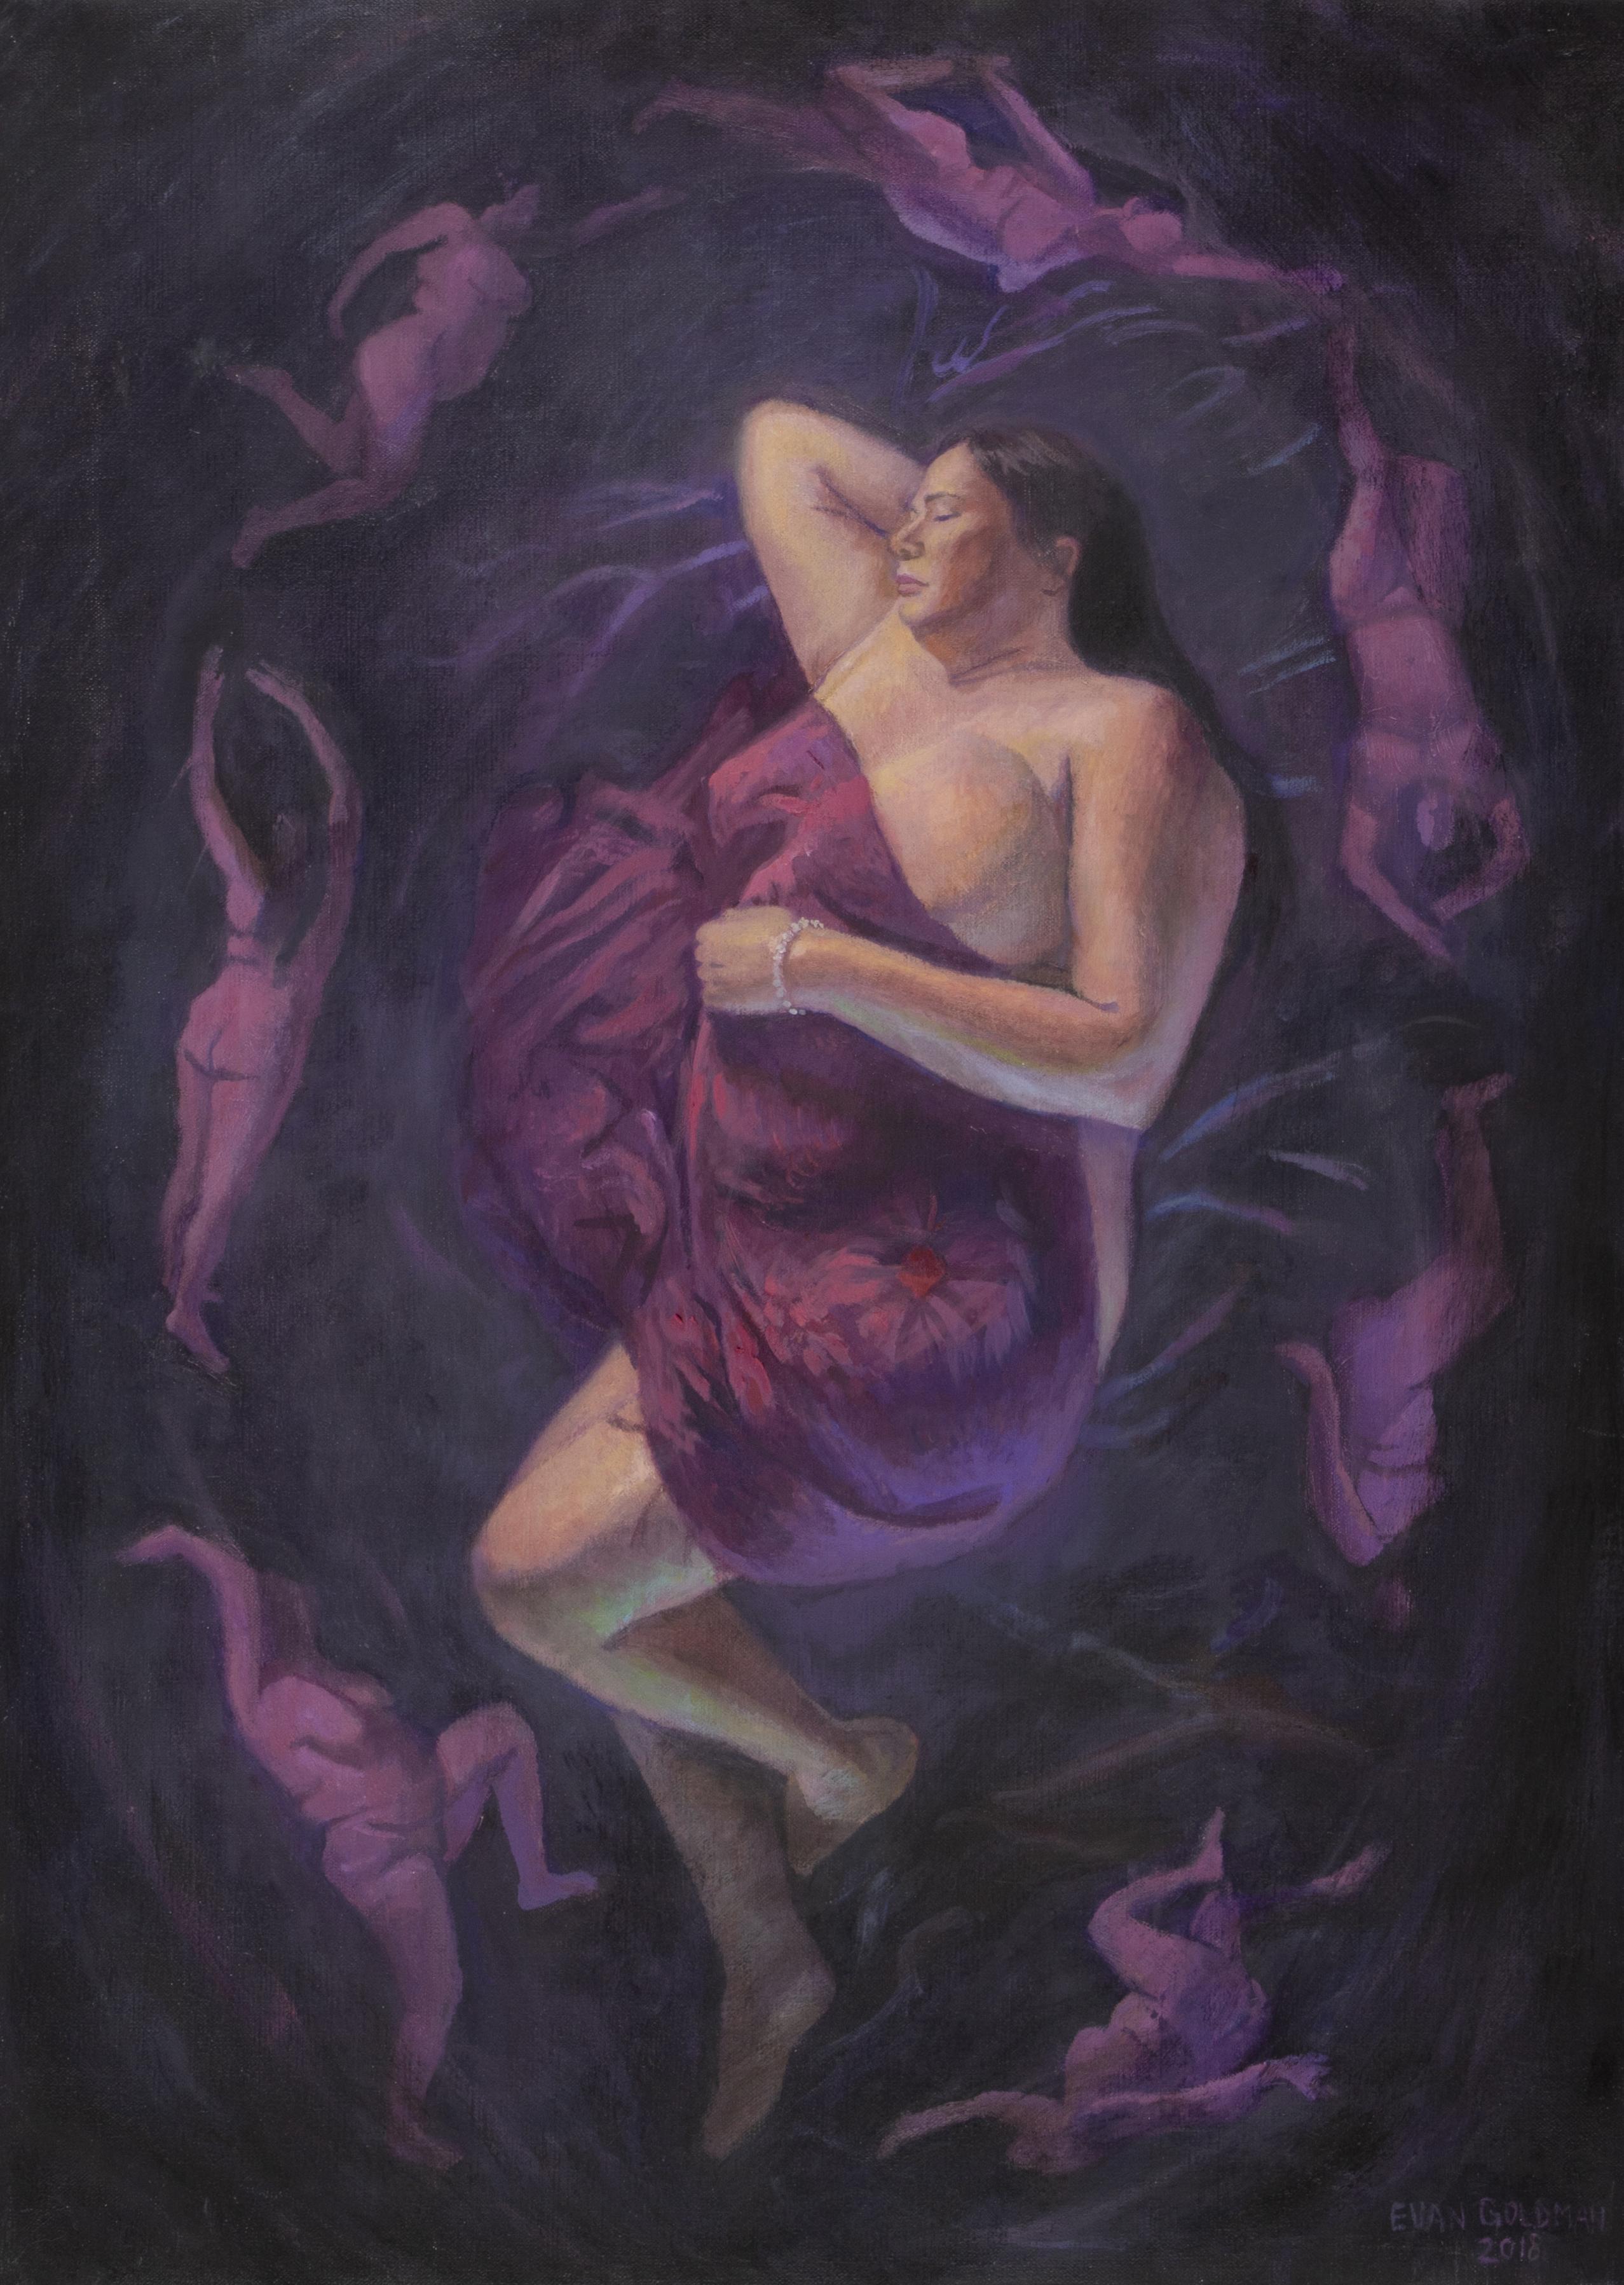 Jalene Dreaming